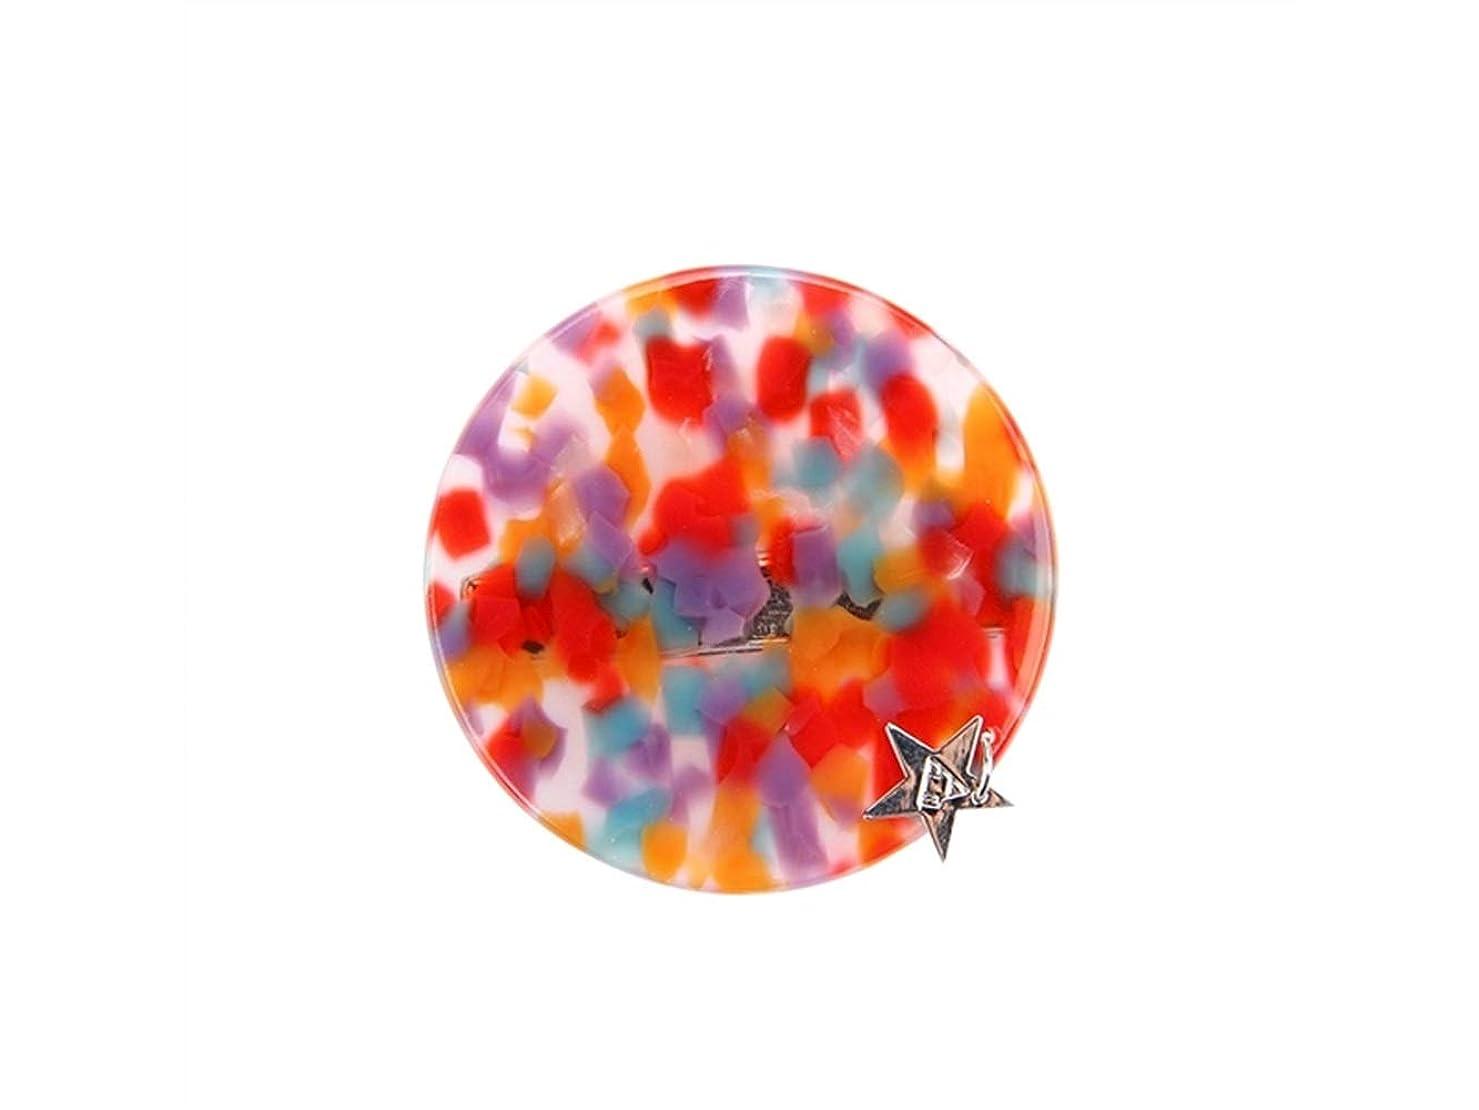 テンポ傷つける今日Osize 美しいスタイル 透明ウェーブポイントヘアクリップラウンドシェイプフォルダダックビルクリップヘアアクセサリー(カラーウェーブポイント)